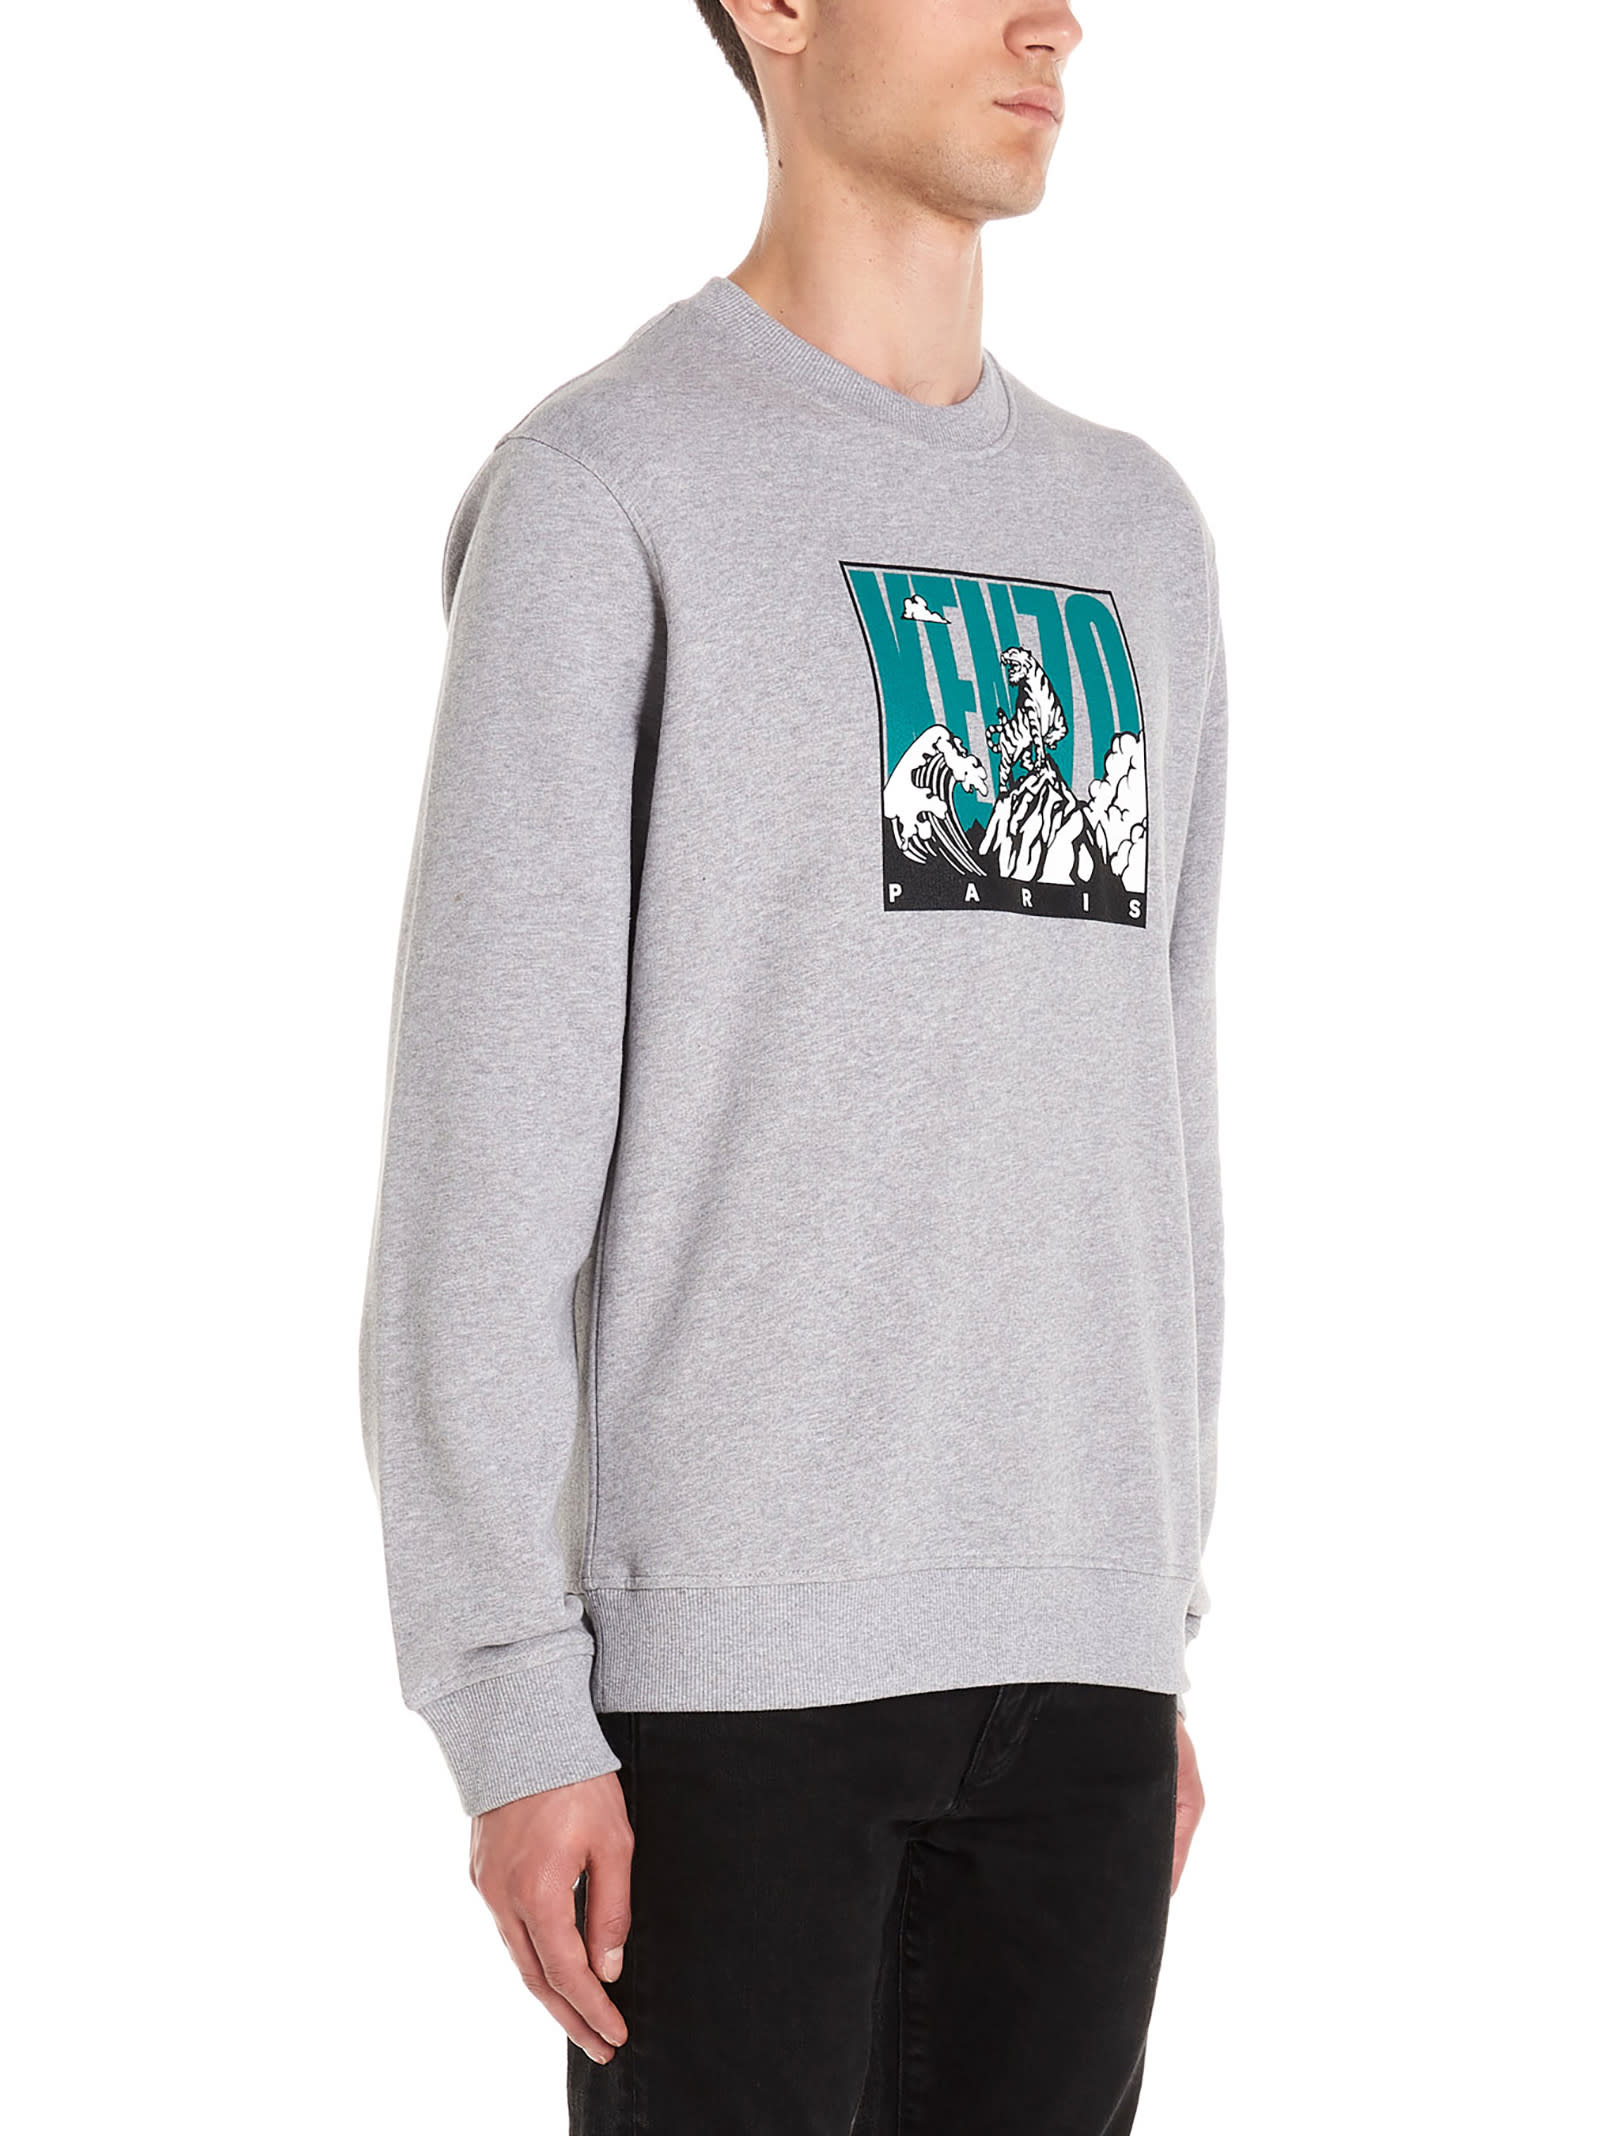 Kenzo Kenzo 'tiger Mountain' Sweatshirt Grey 10966748